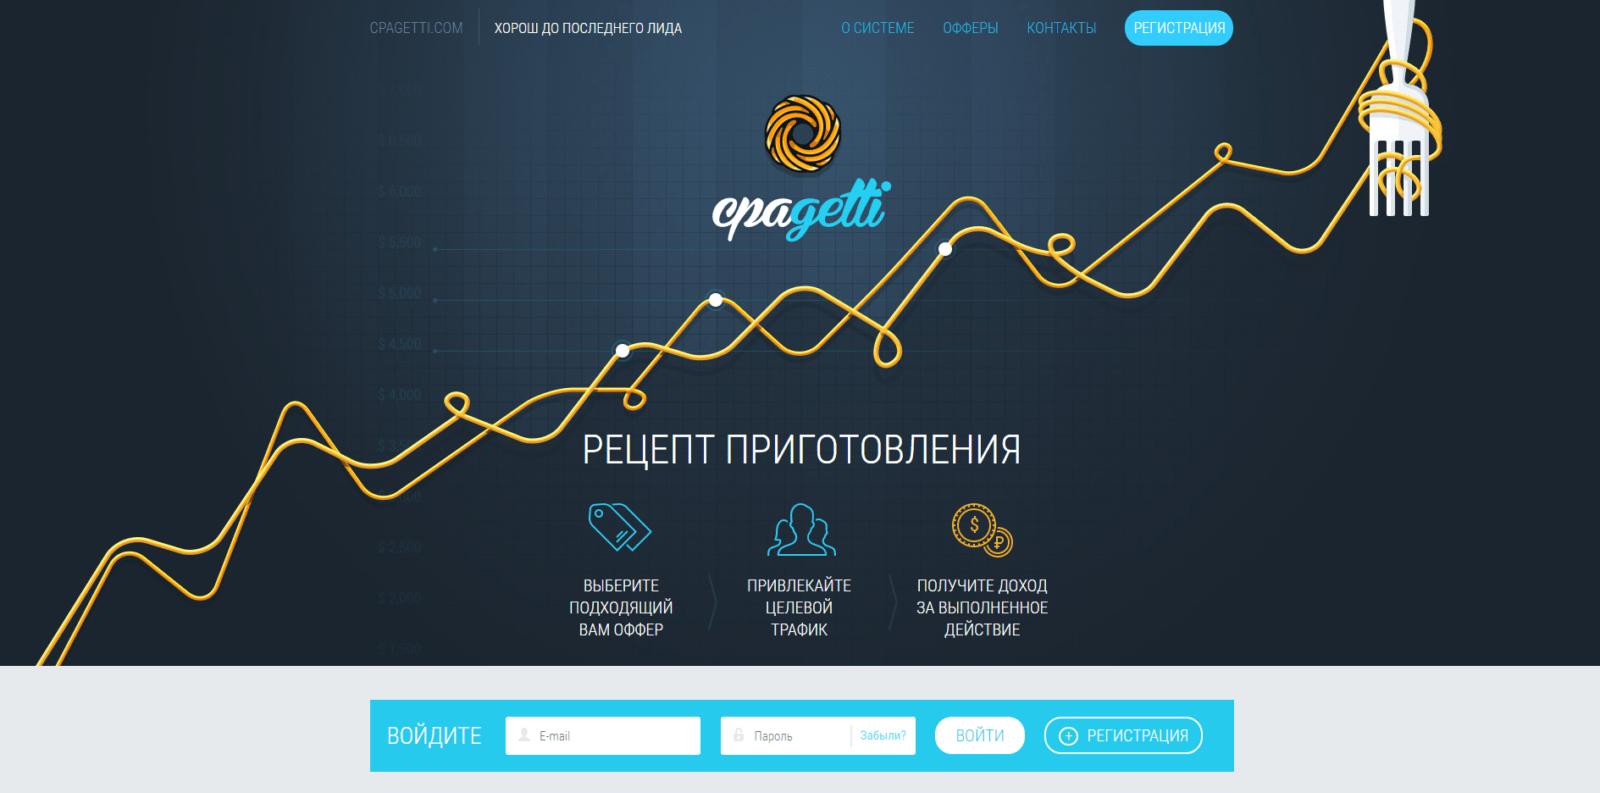 Партнерская программа CPAgetti